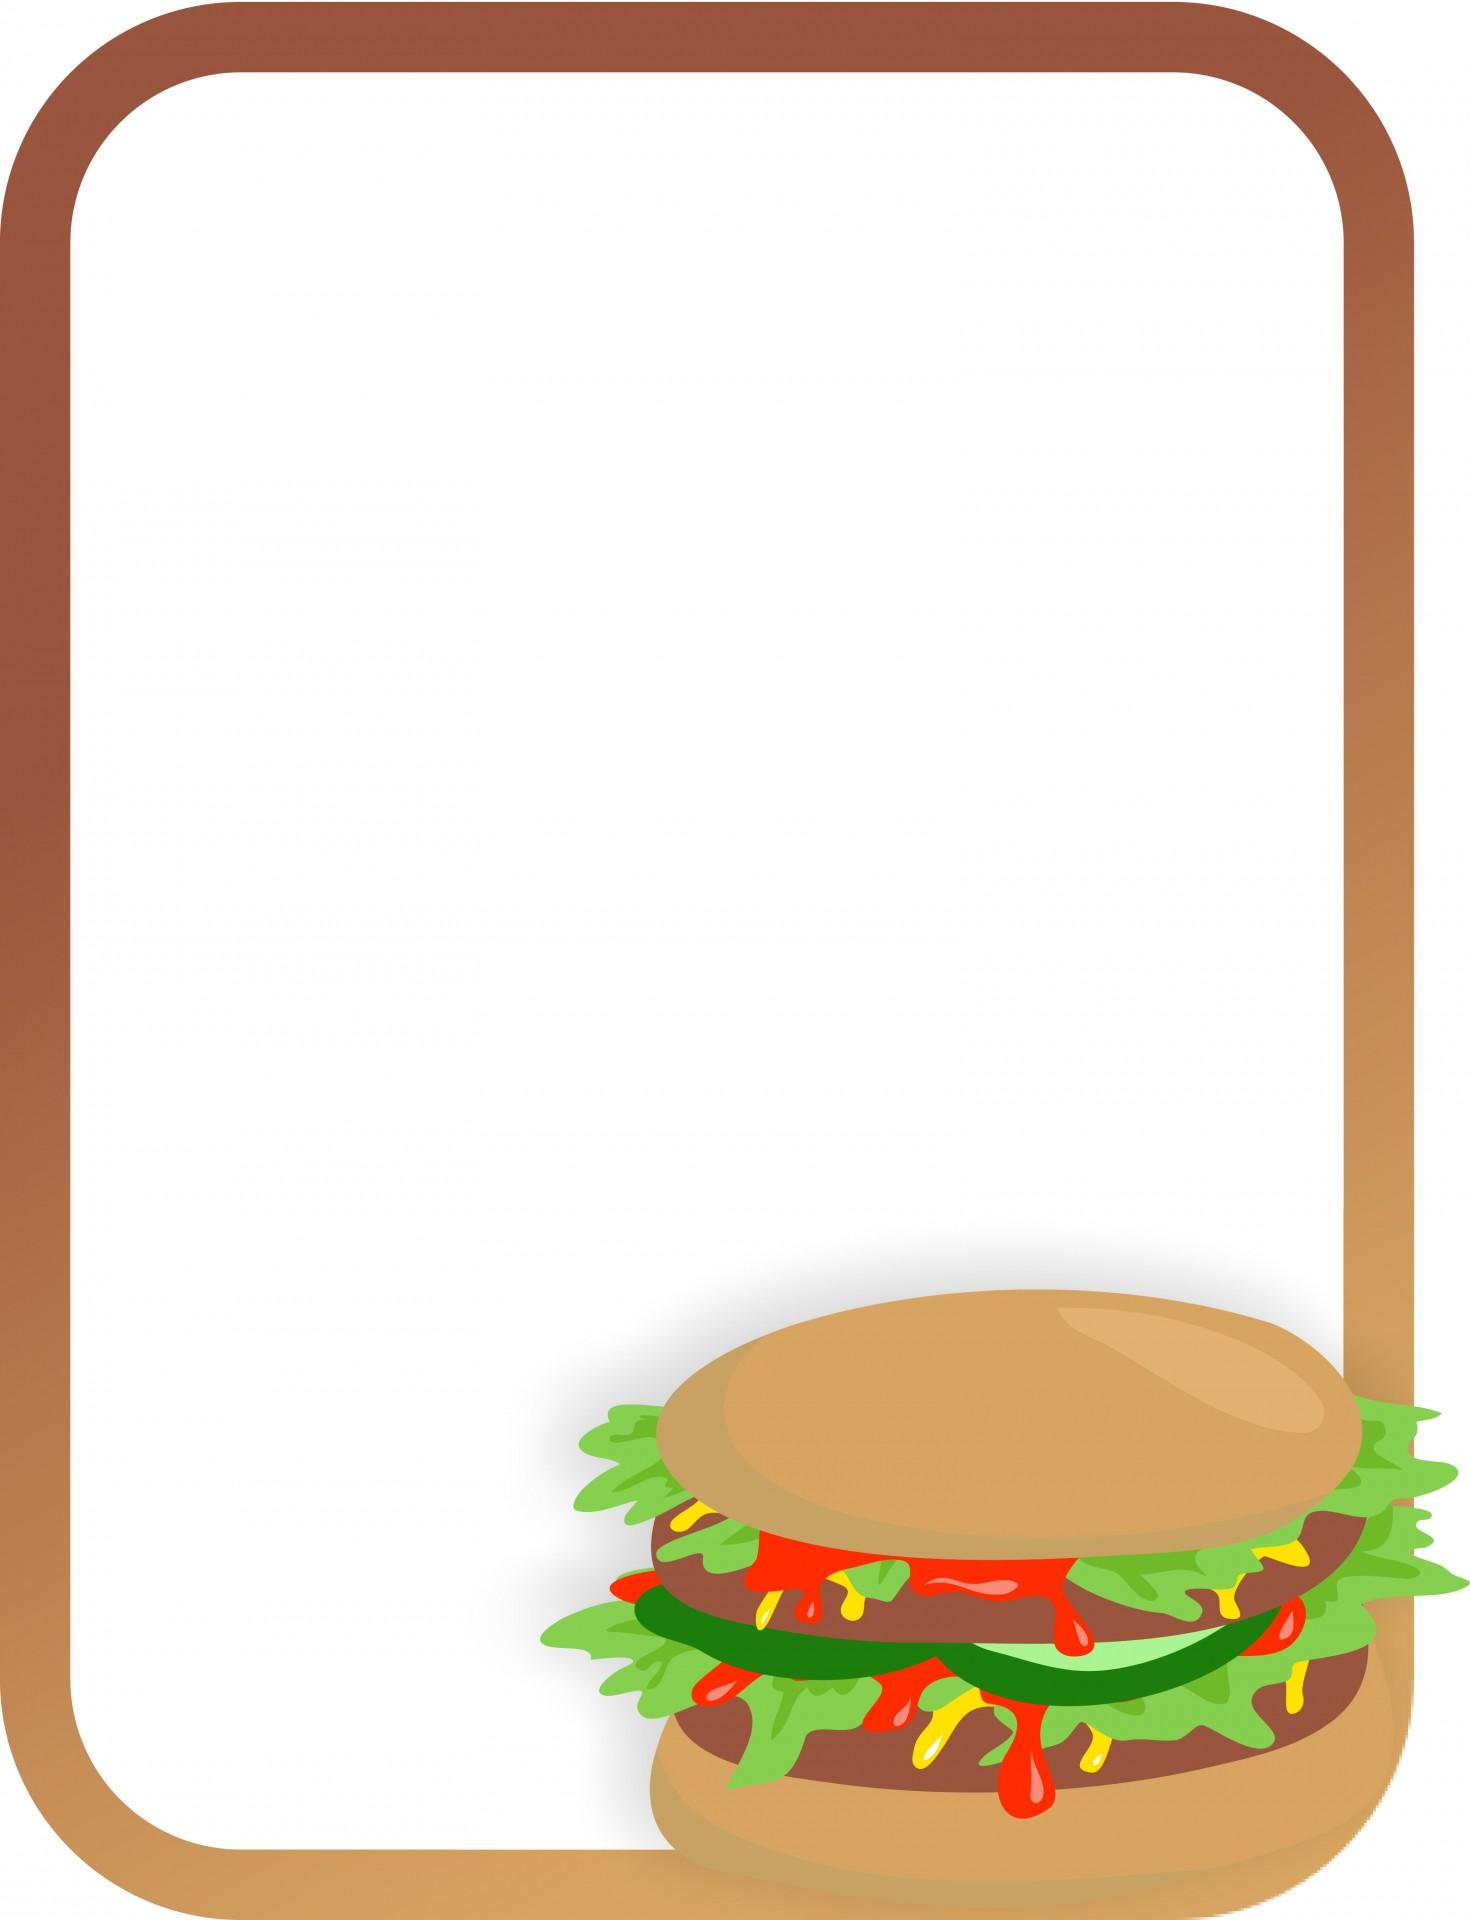 burger clipart border